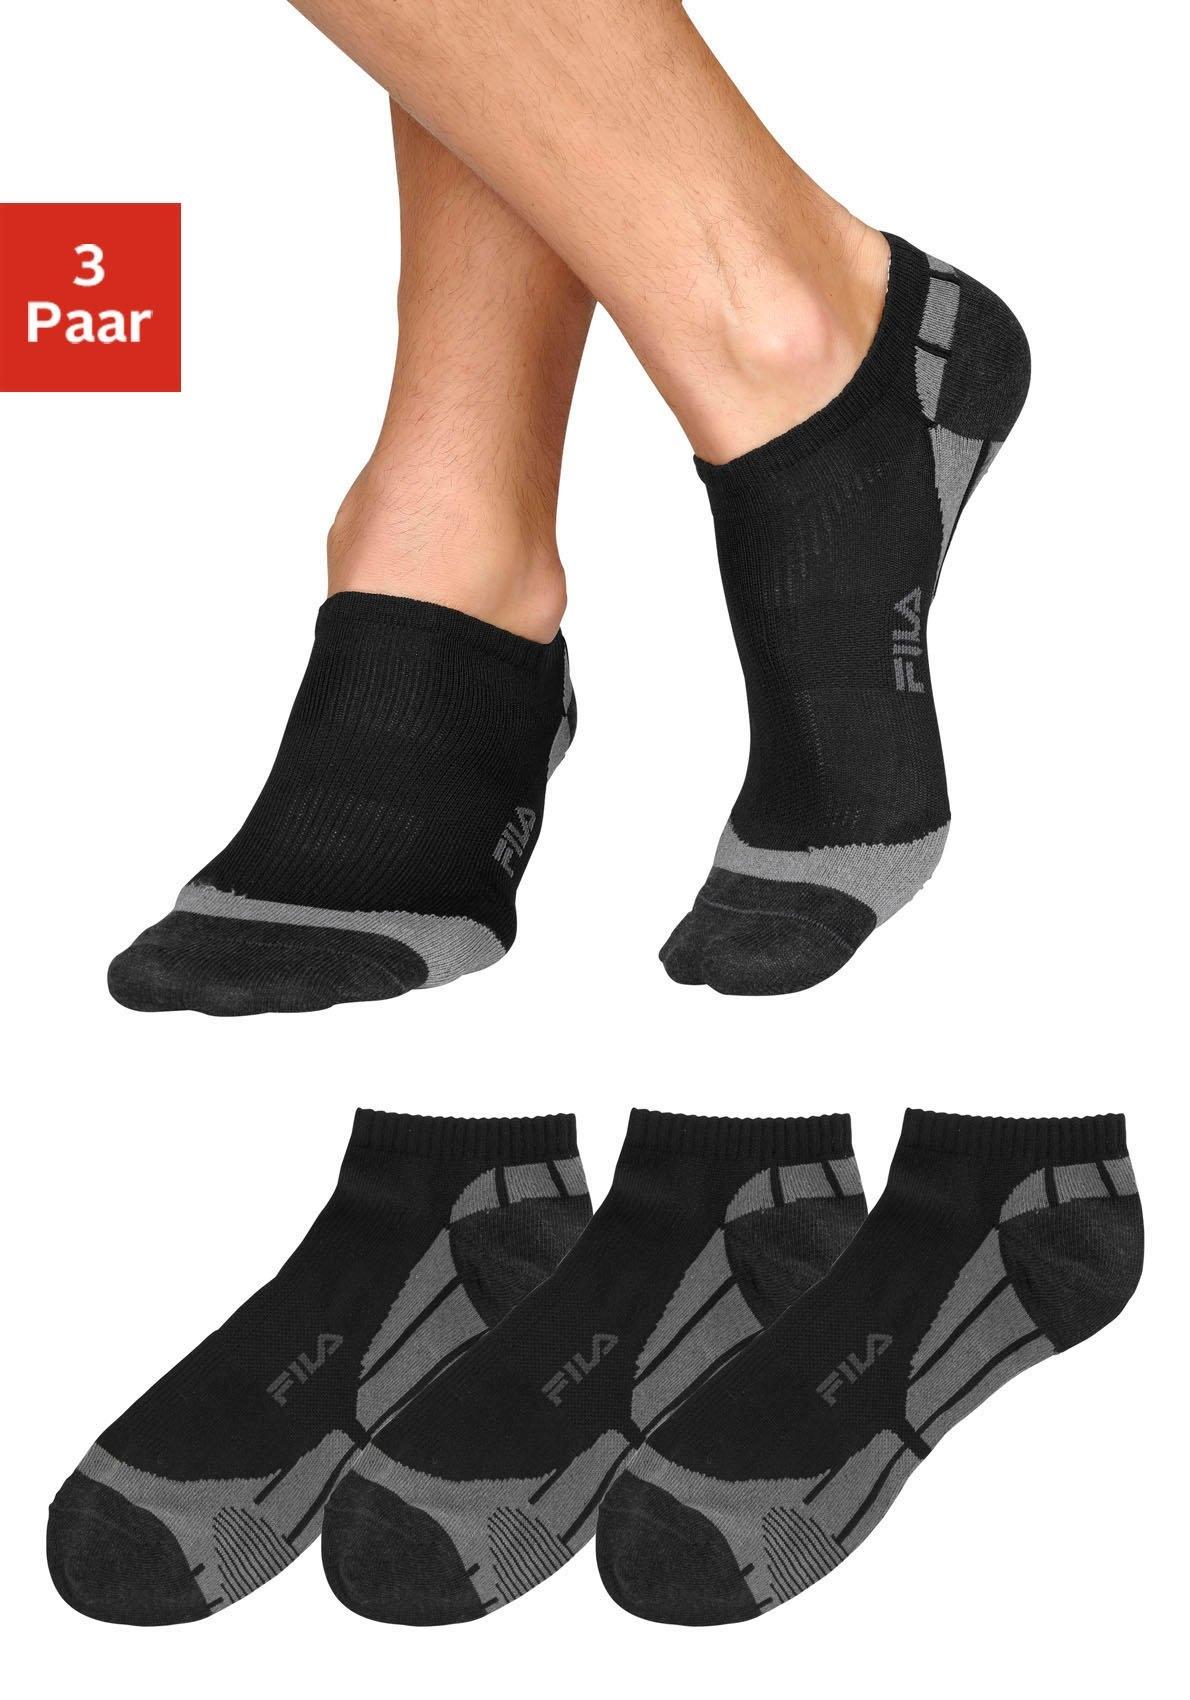 Fila Sneakersokken met ingebreid opschrift (3 paar) nu online kopen bij Lascana